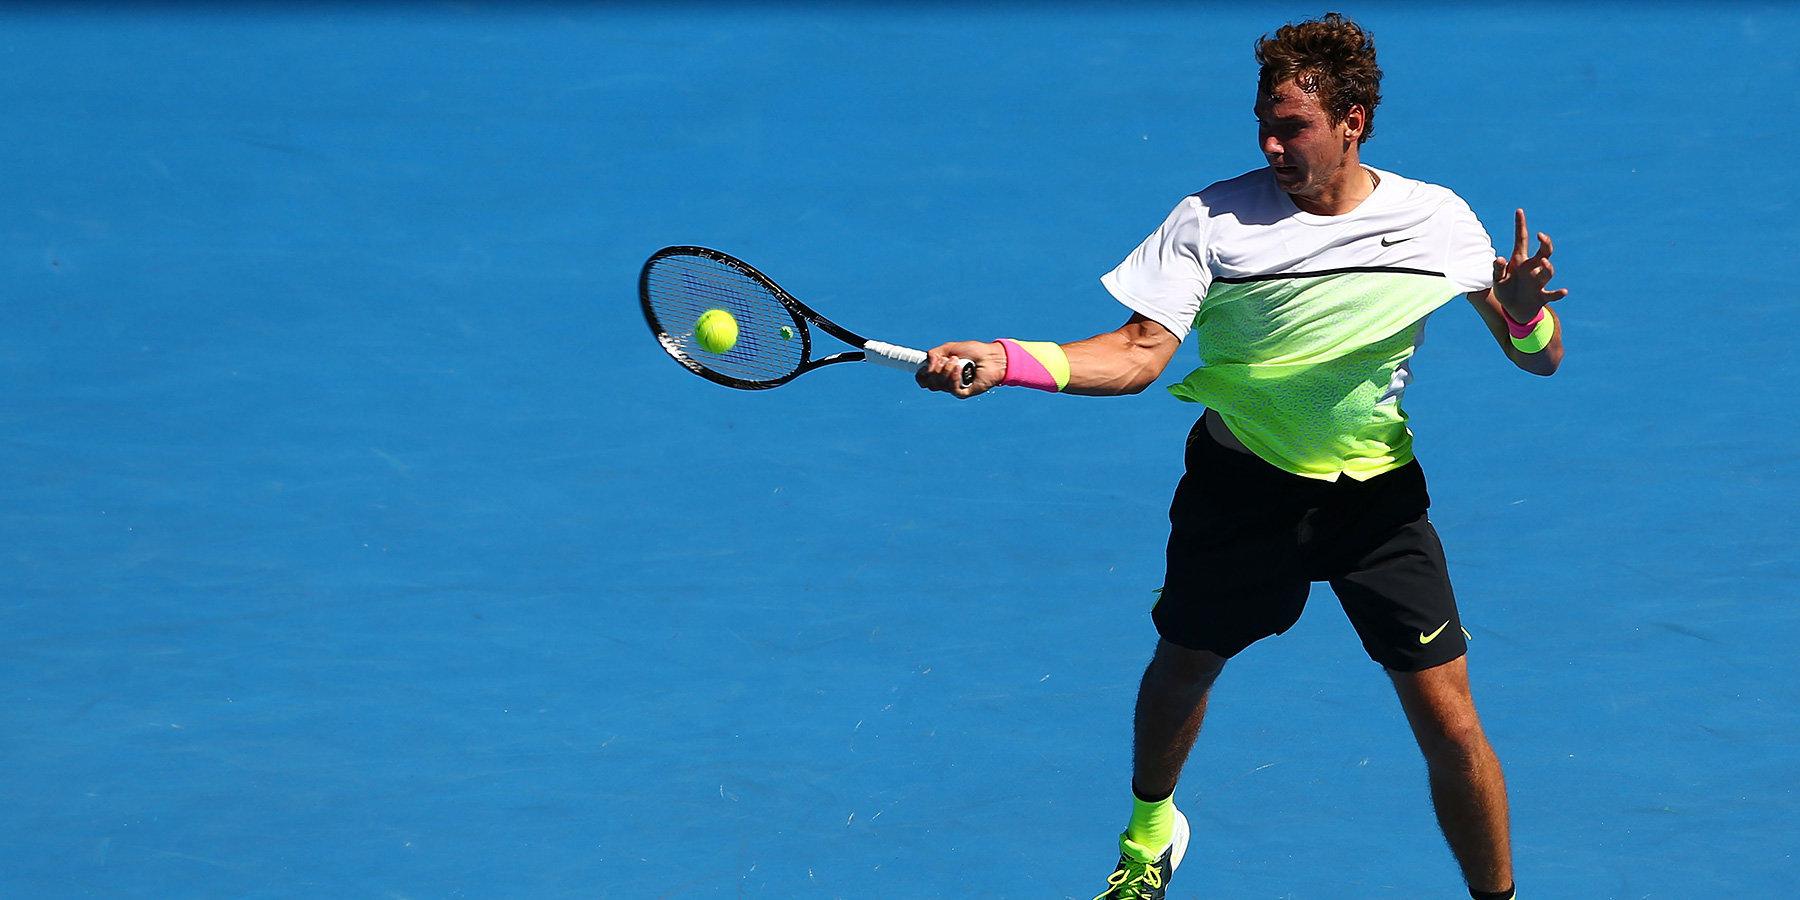 Роман Сафиуллин — после первой победы на турнире ATP: «Нужно прогрессировать, чтобы попасть в топ-100»